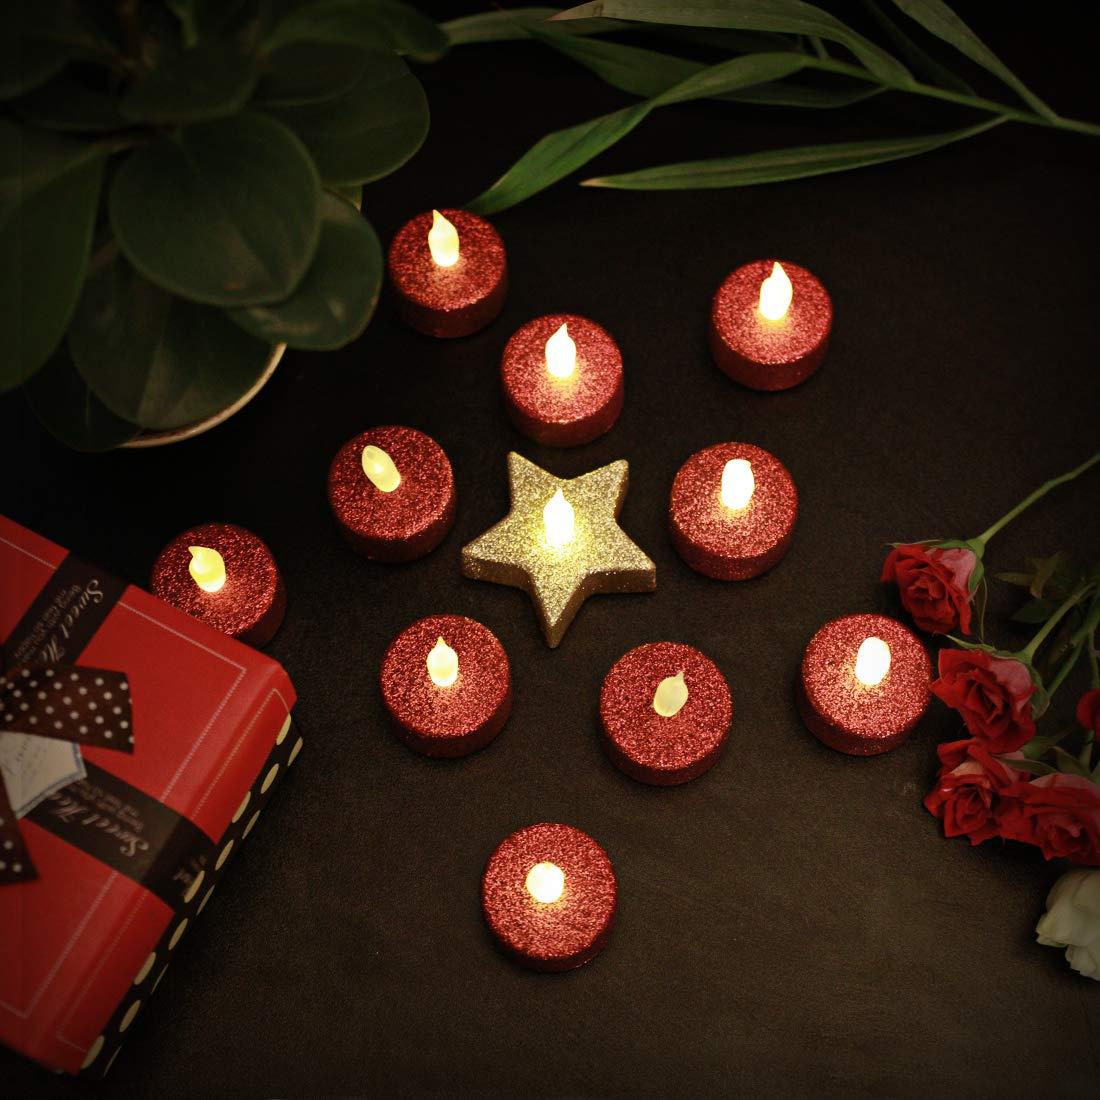 Everbrite LED Kerzen Tealights Funkeln Glitter Flammenlose Romantische Echt Flammen Effekt LED Echtwachskerzen